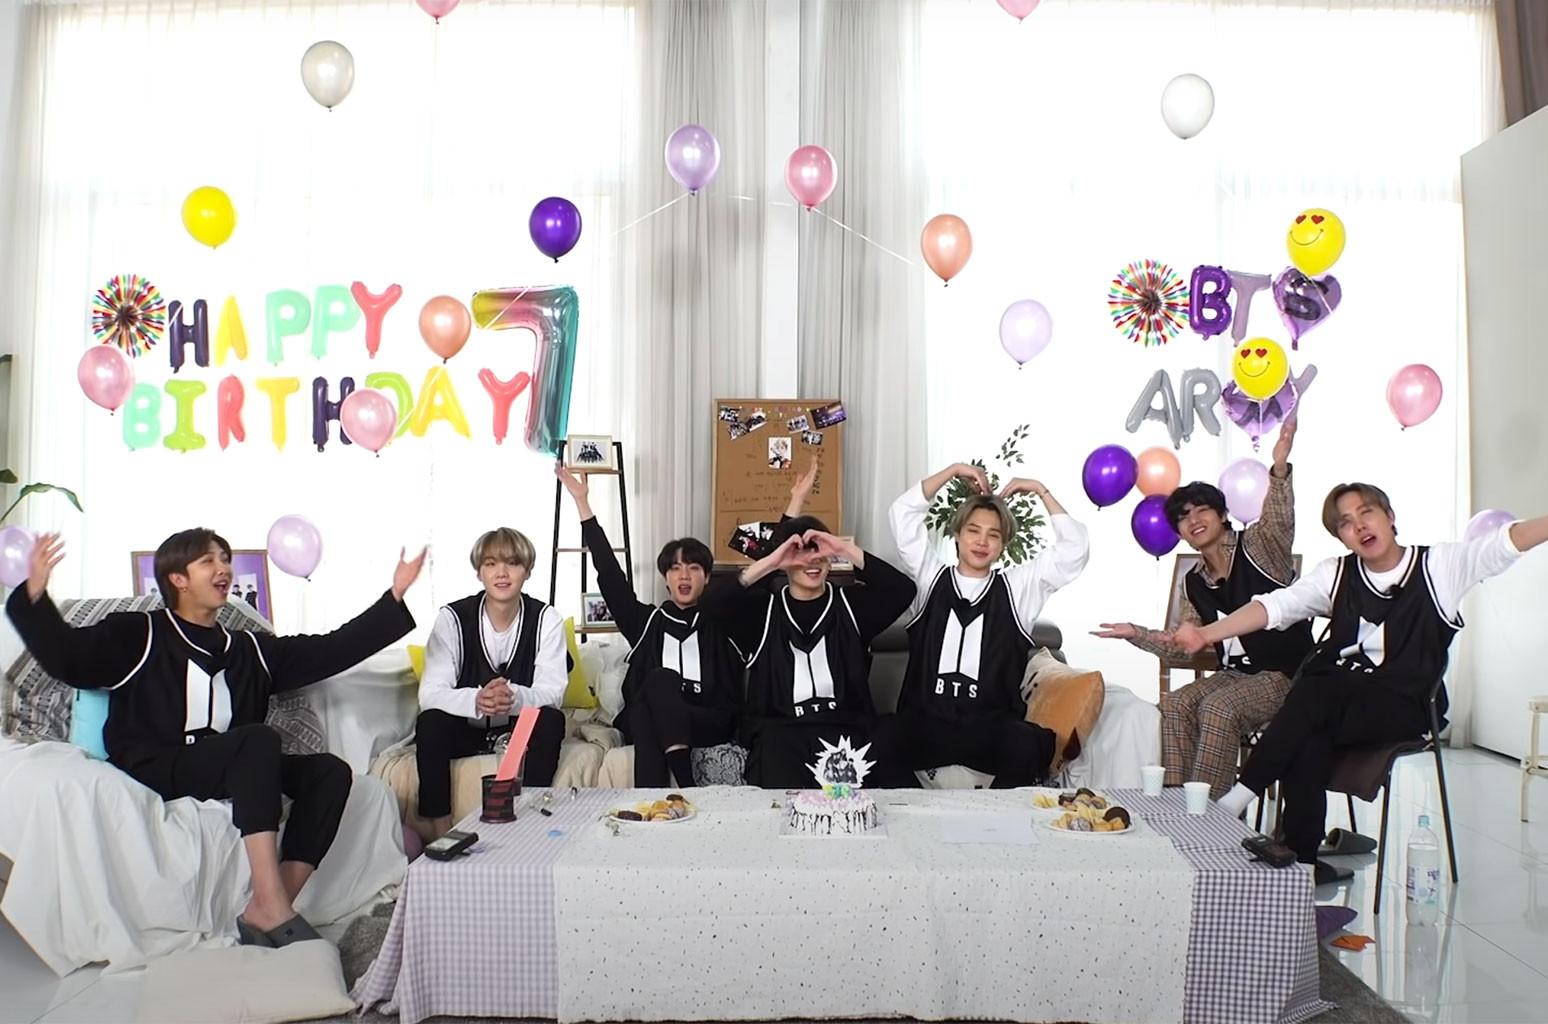 Watch Bts Recreate Their First Birthday Party In New Festa 2020 Teaser Billboard